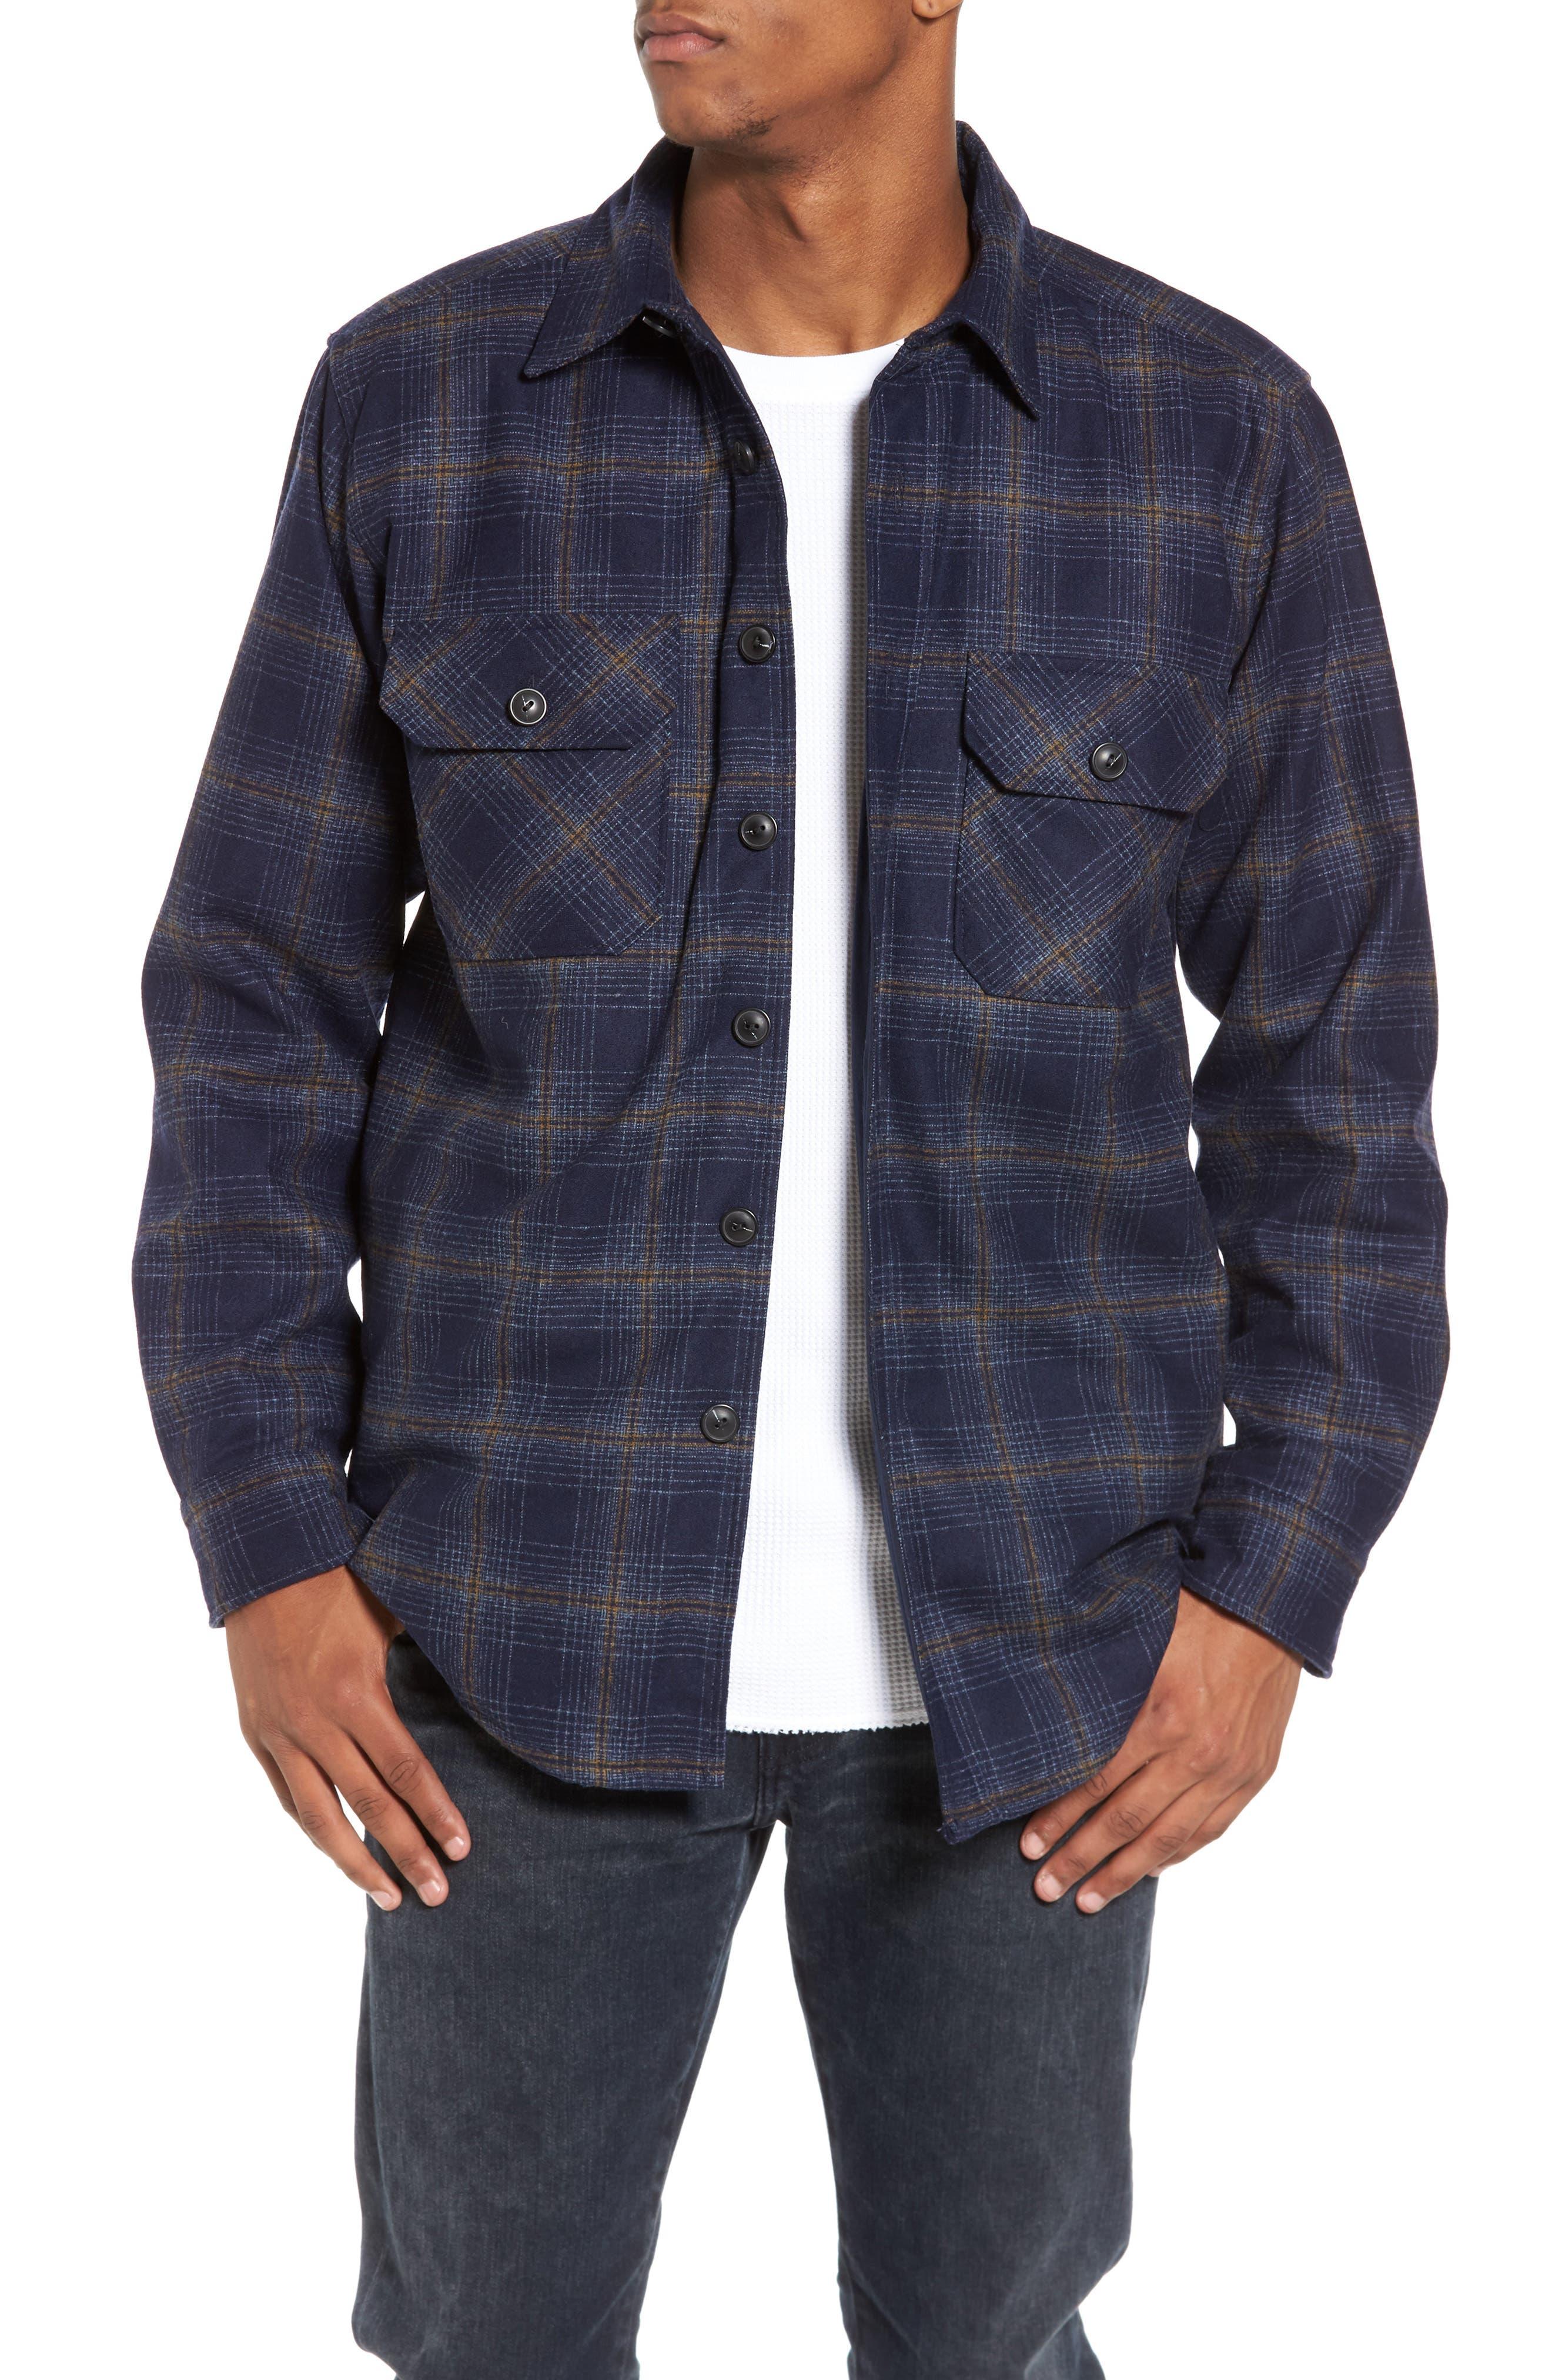 Main Image - Pendleton Quilted Wool Shirt Jacket